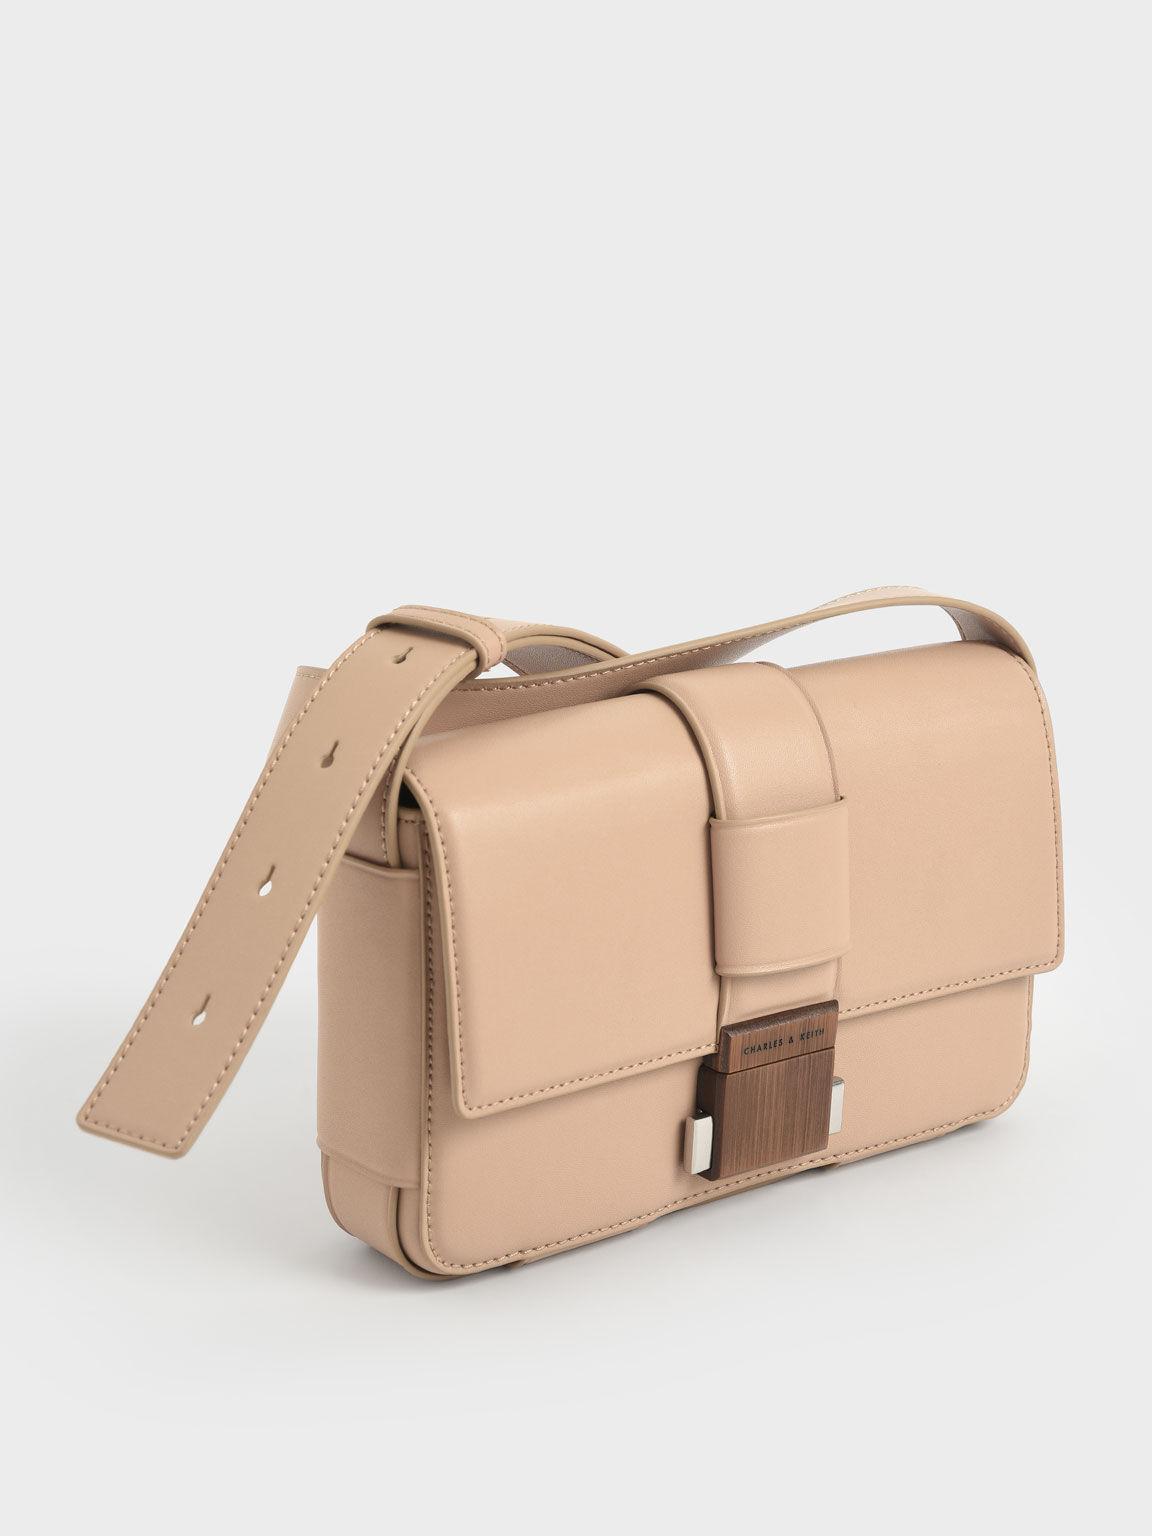 金屬釦斜背包, 黃褐色, hi-res